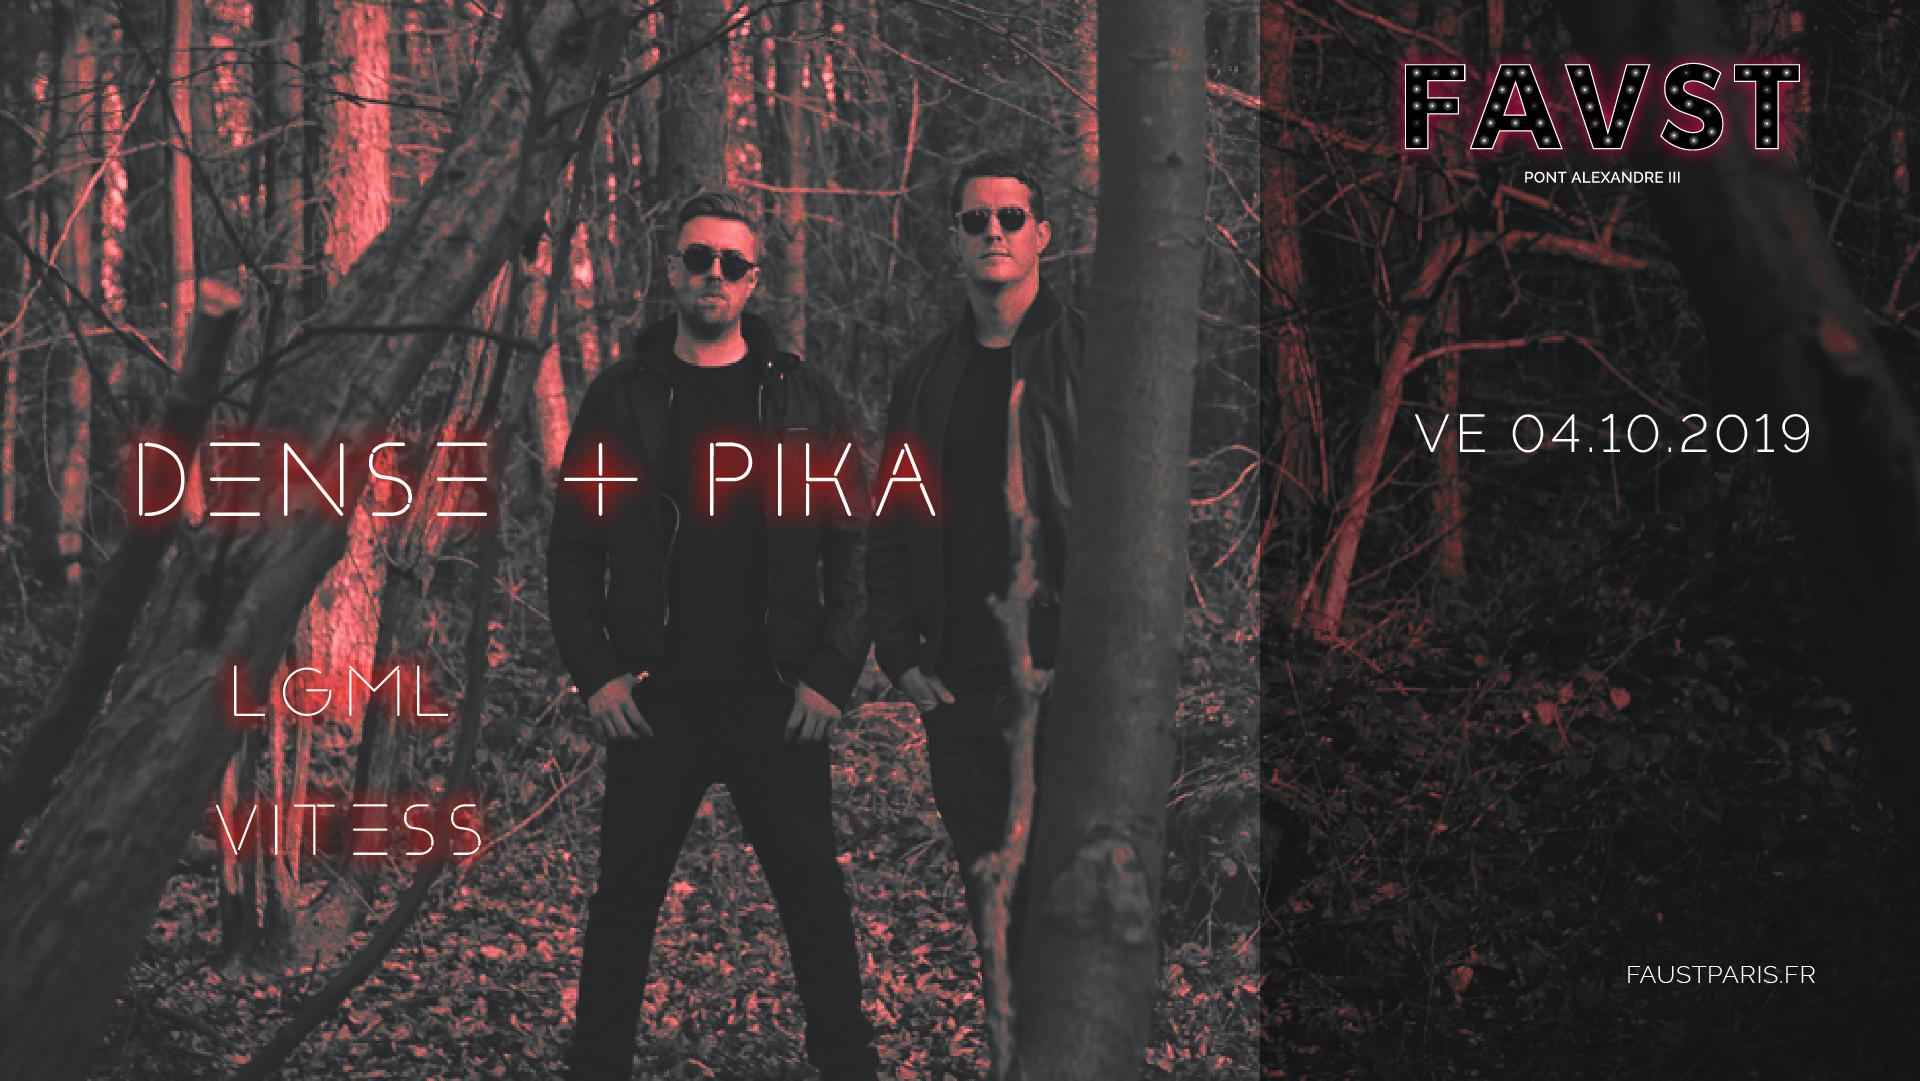 Faust : Dense & Pika, LGML, Vitess